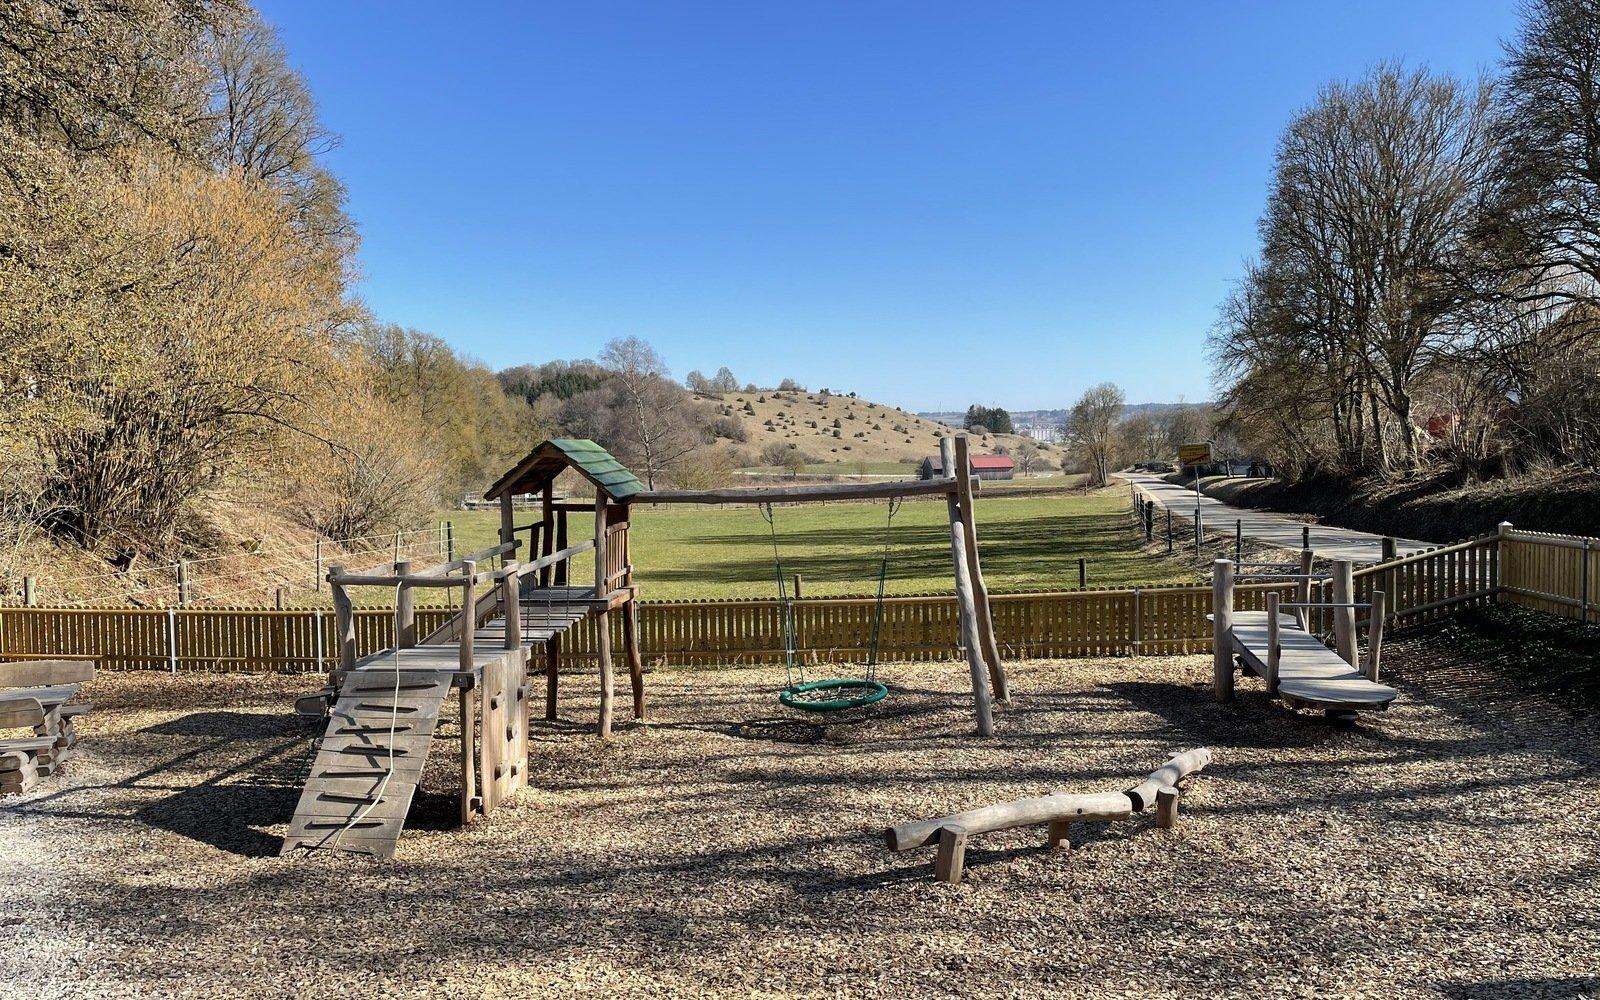 ein Spielplatz, auf der linken Seite ein Spielturm mit Brücke und grünem Dach auf der rechten Seite ein Holzsteg